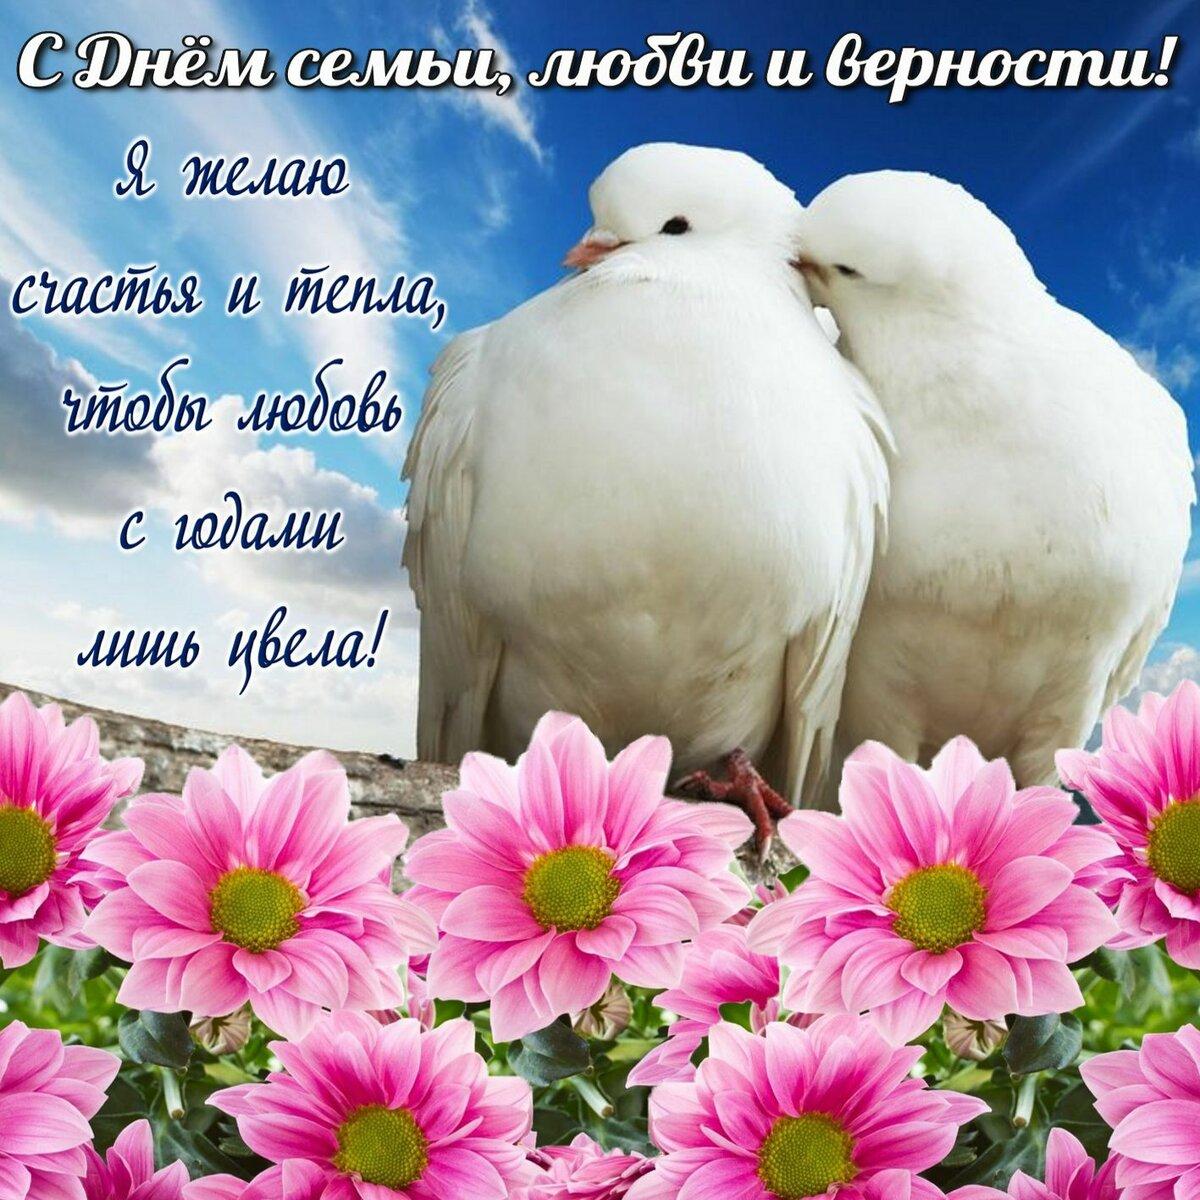 Красивые открытки поздравления с днем семьи любви и верности